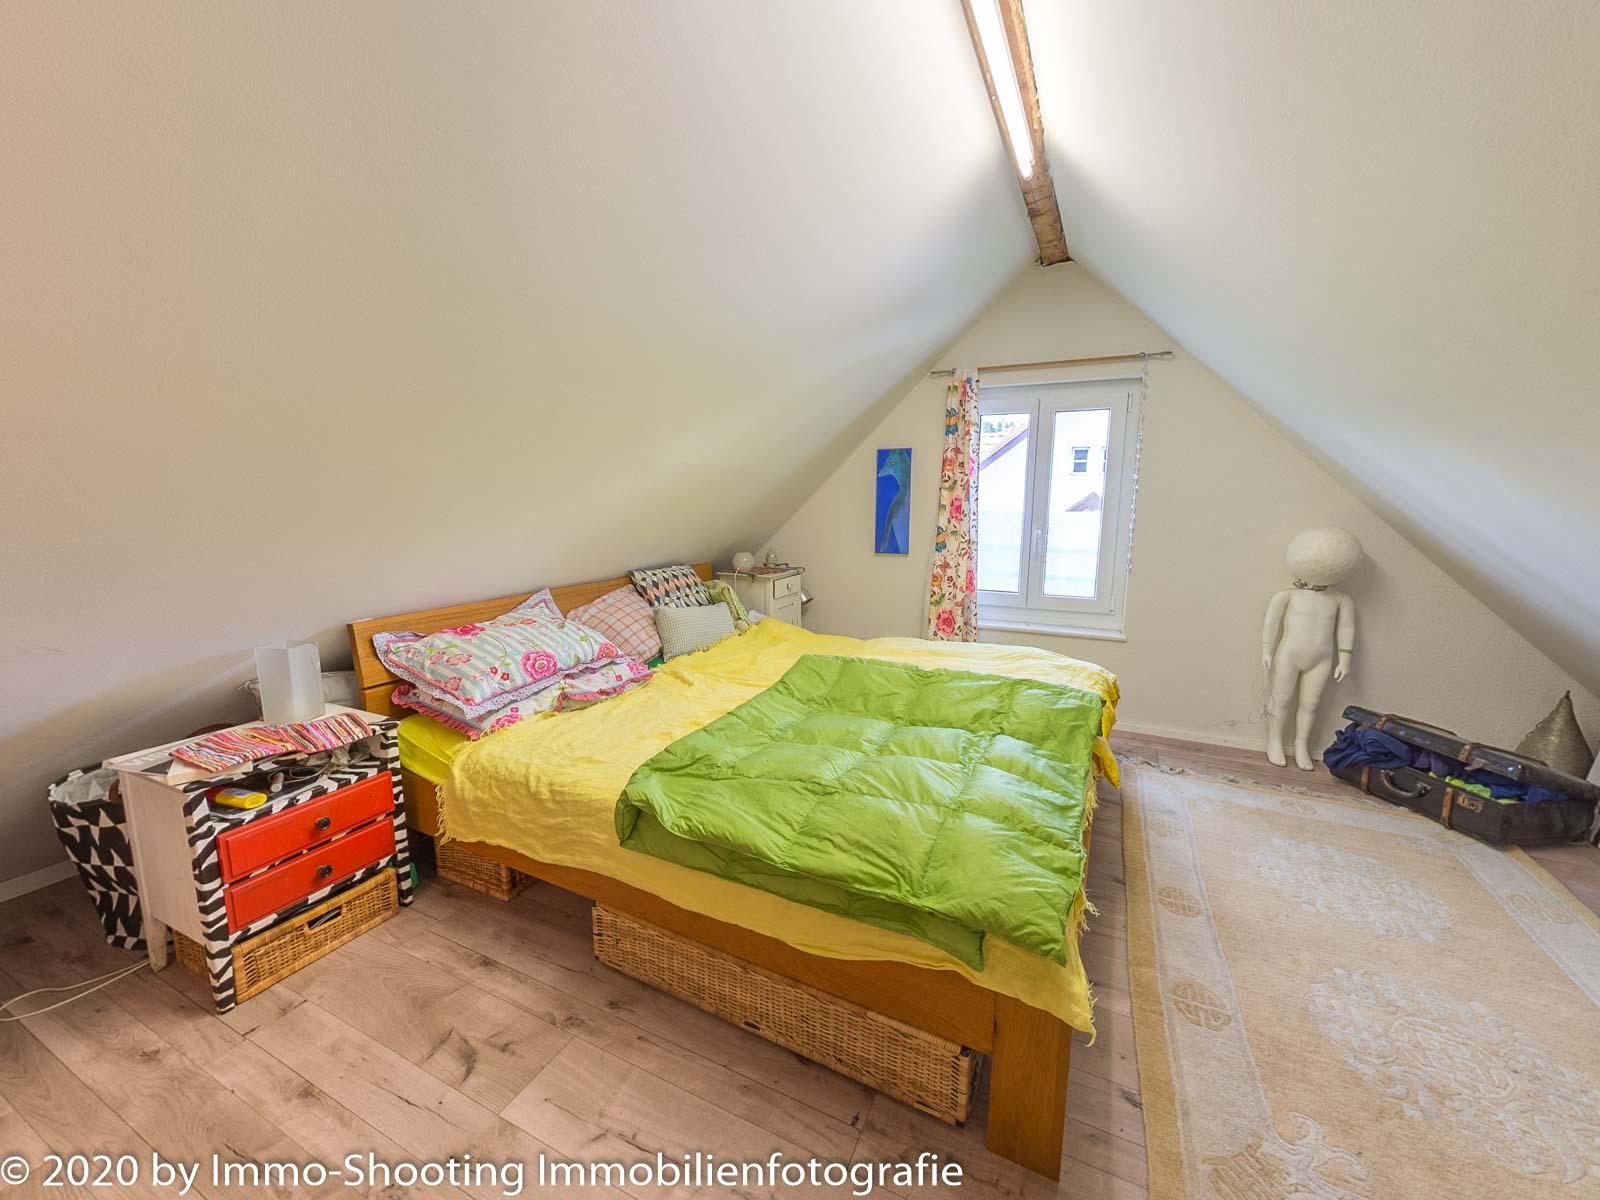 Schlafzimmer im Dachgeschoss-Architekturfotografie ImmoShooting